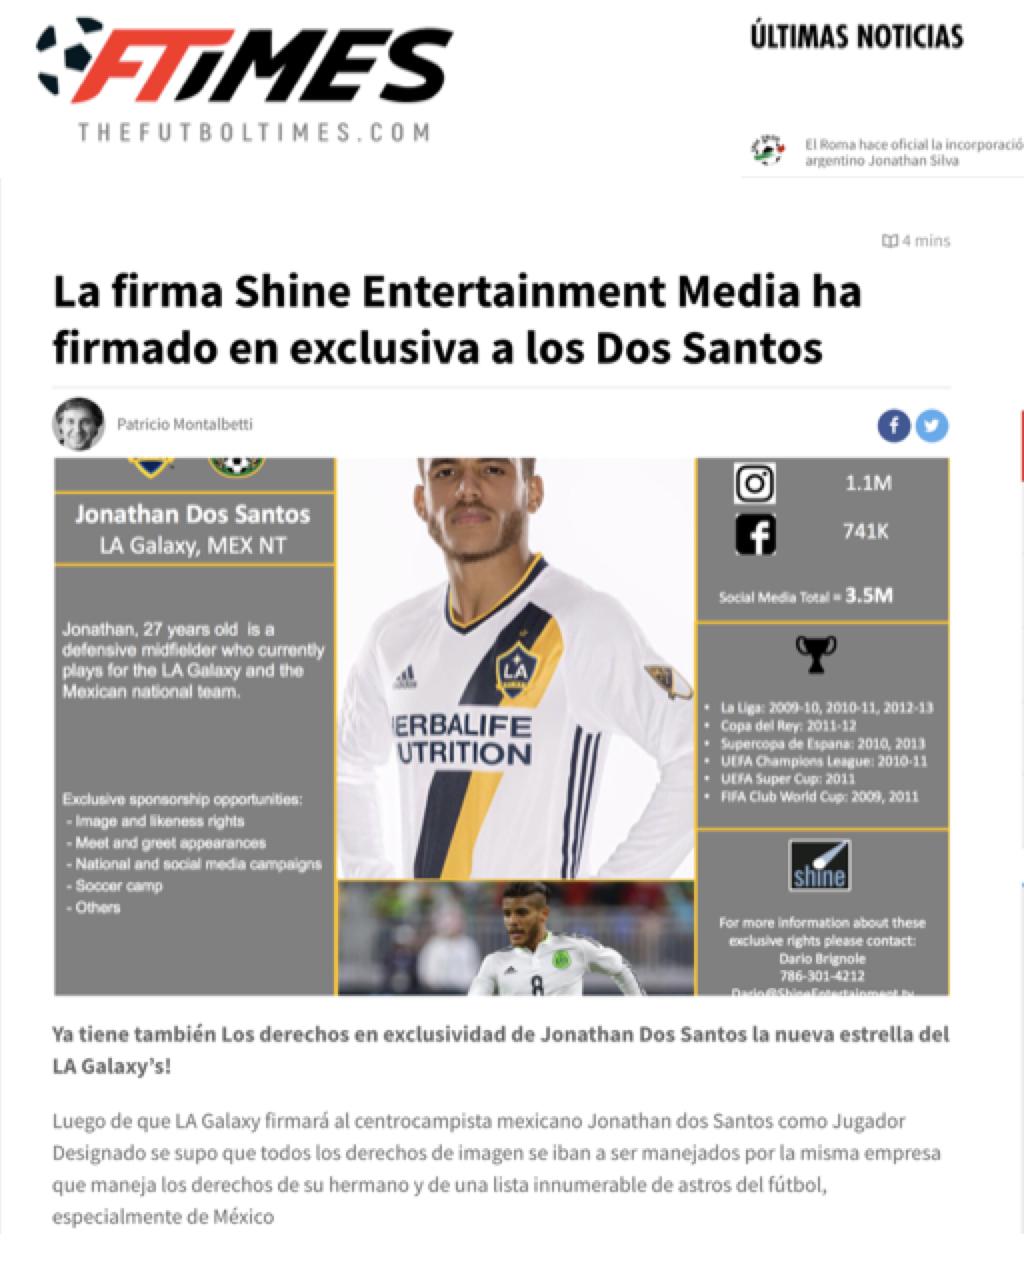 Shine signs Jonathan Dos Santos